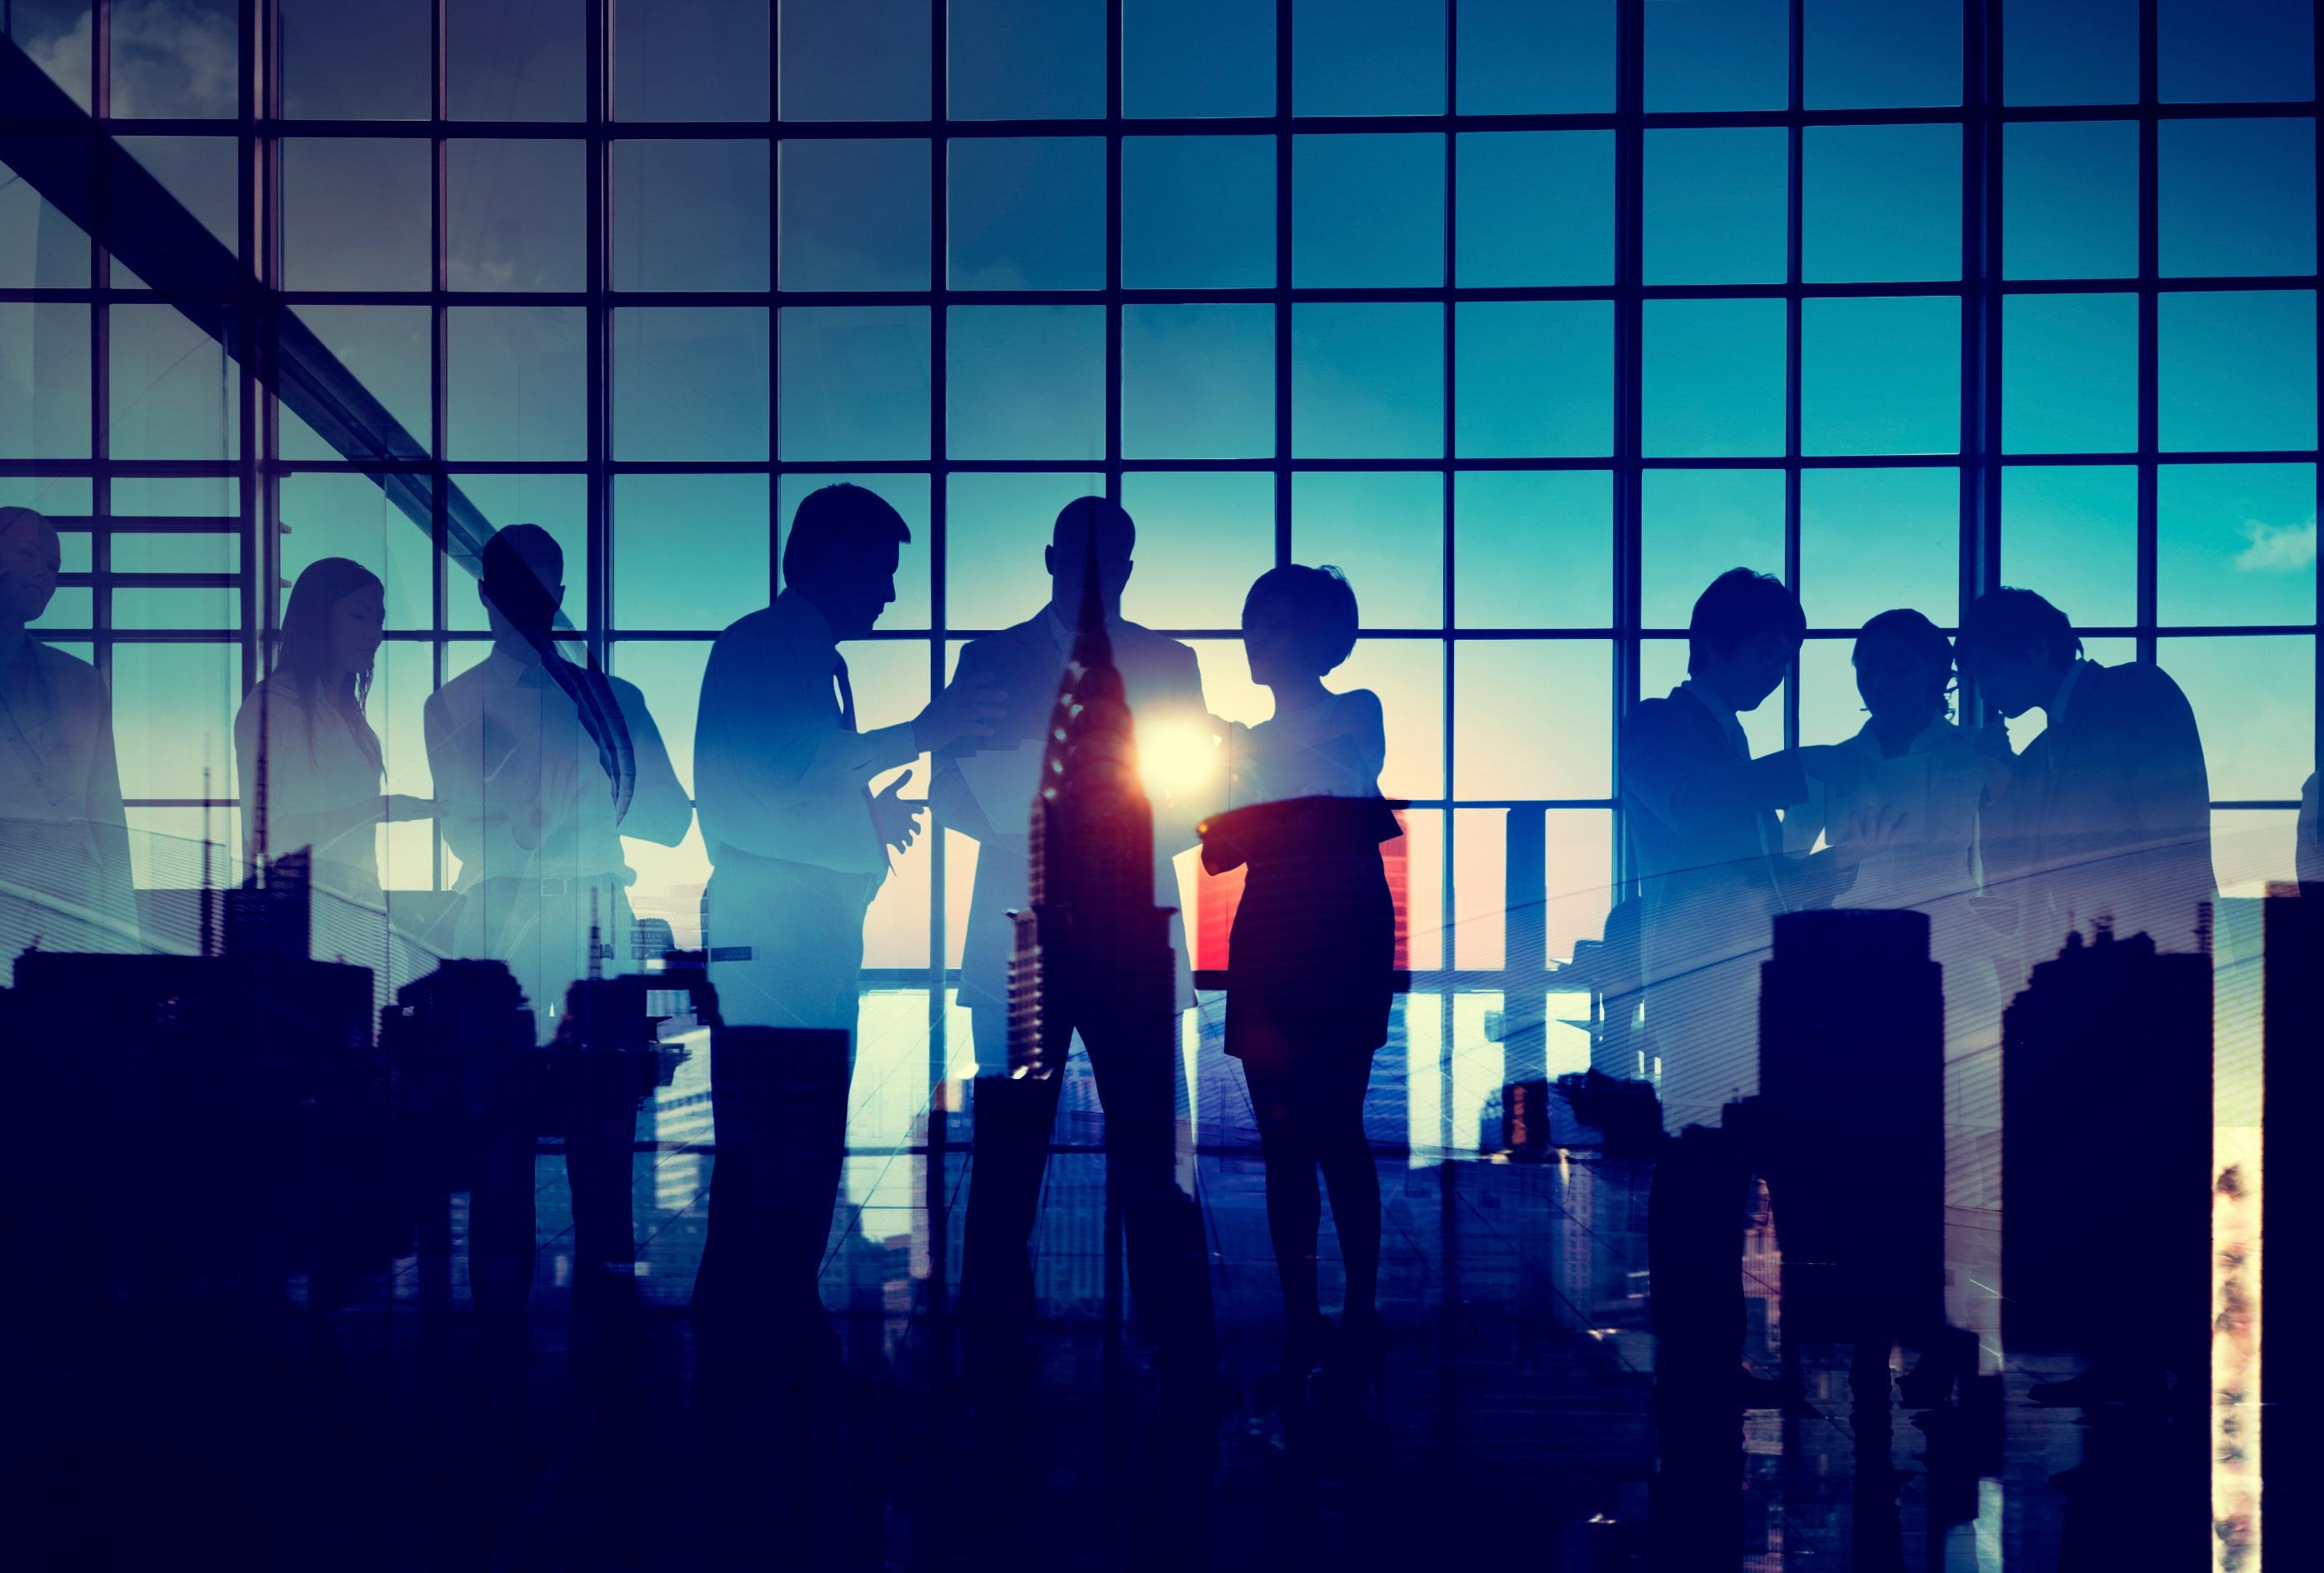 bg-image-business.jpg